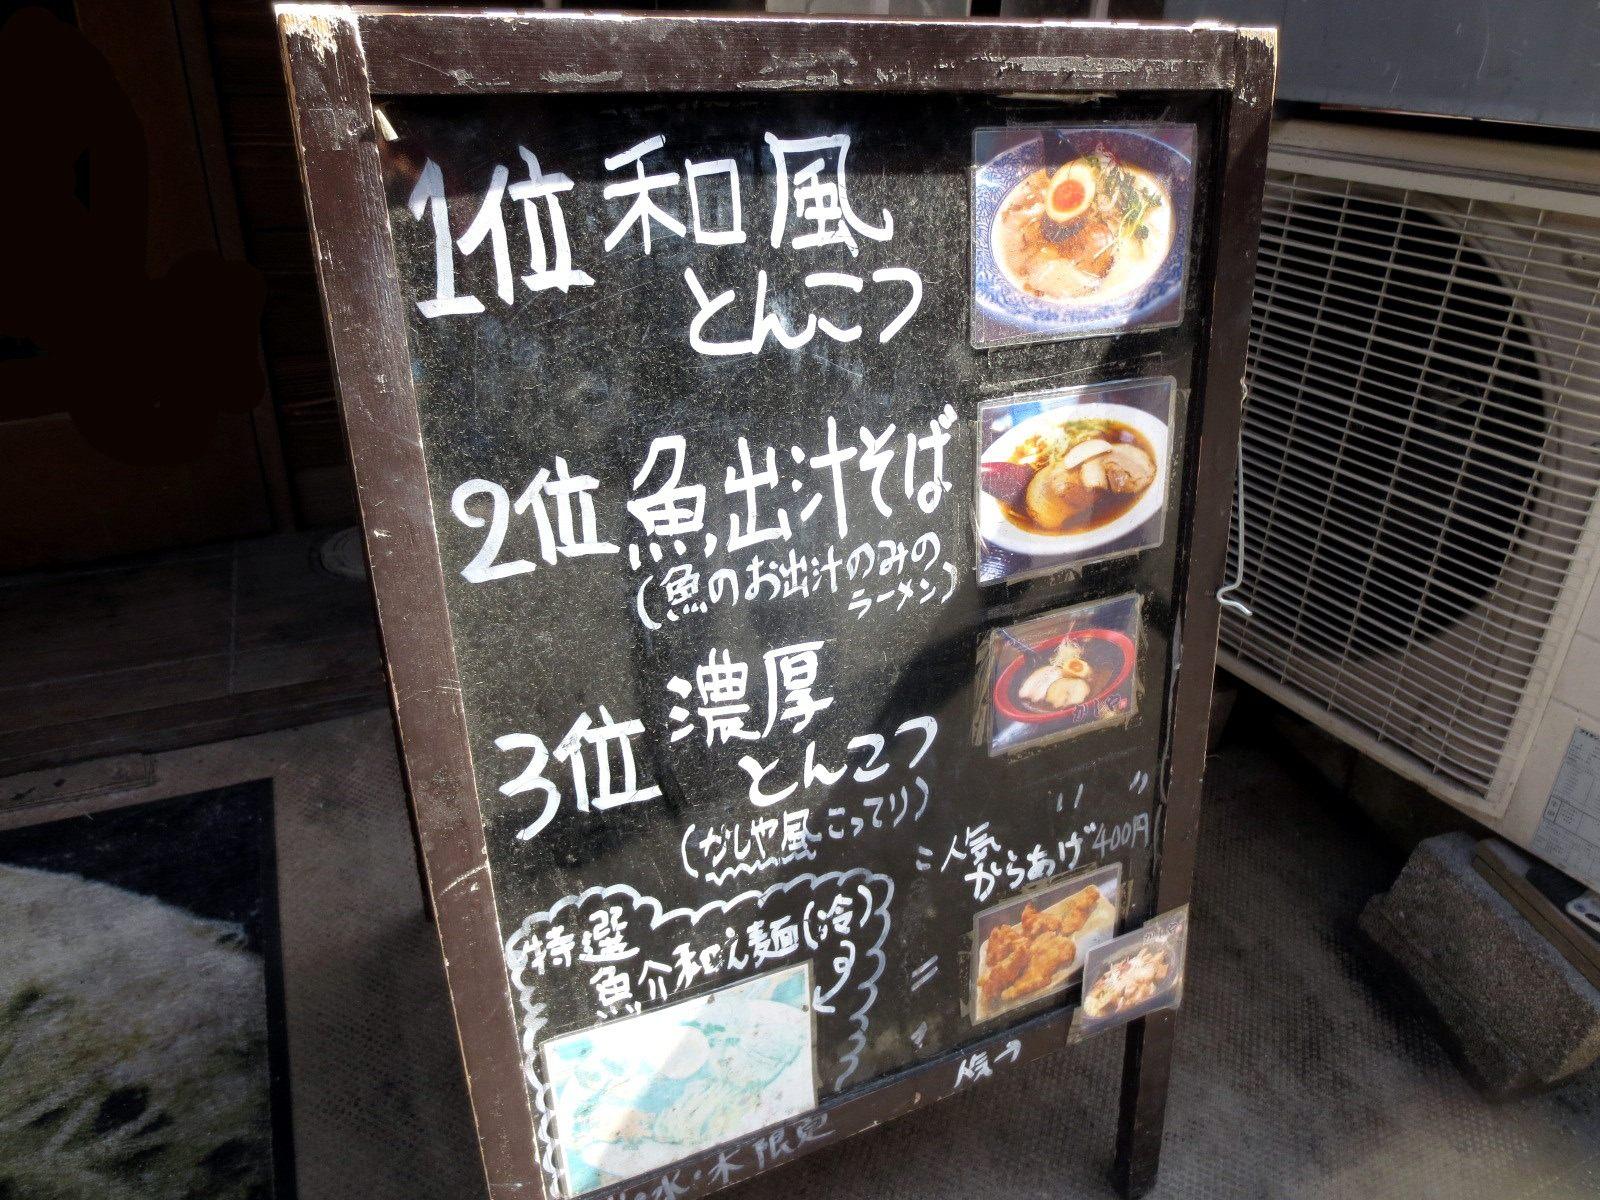 看板上写着人气菜单排行榜